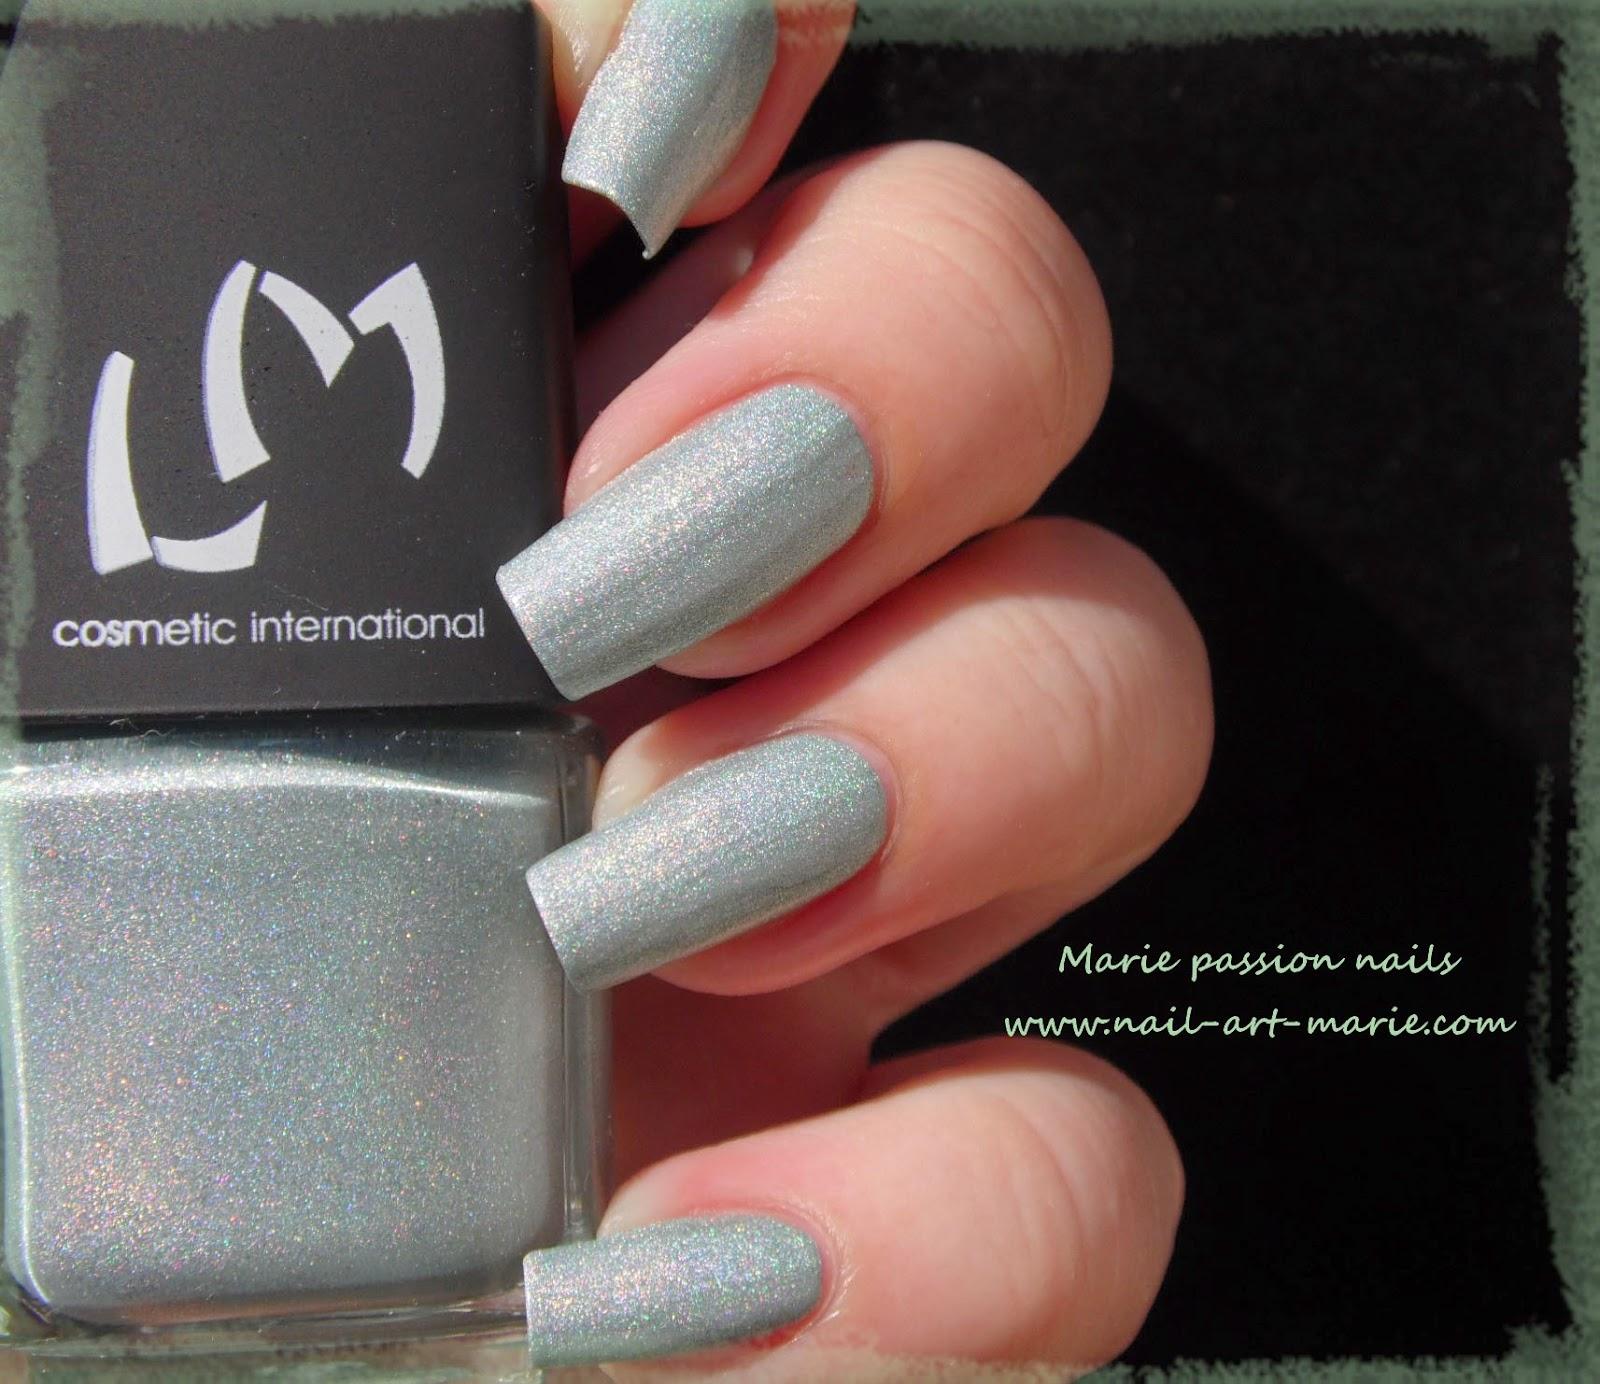 LM Cosmetic Quadrille3